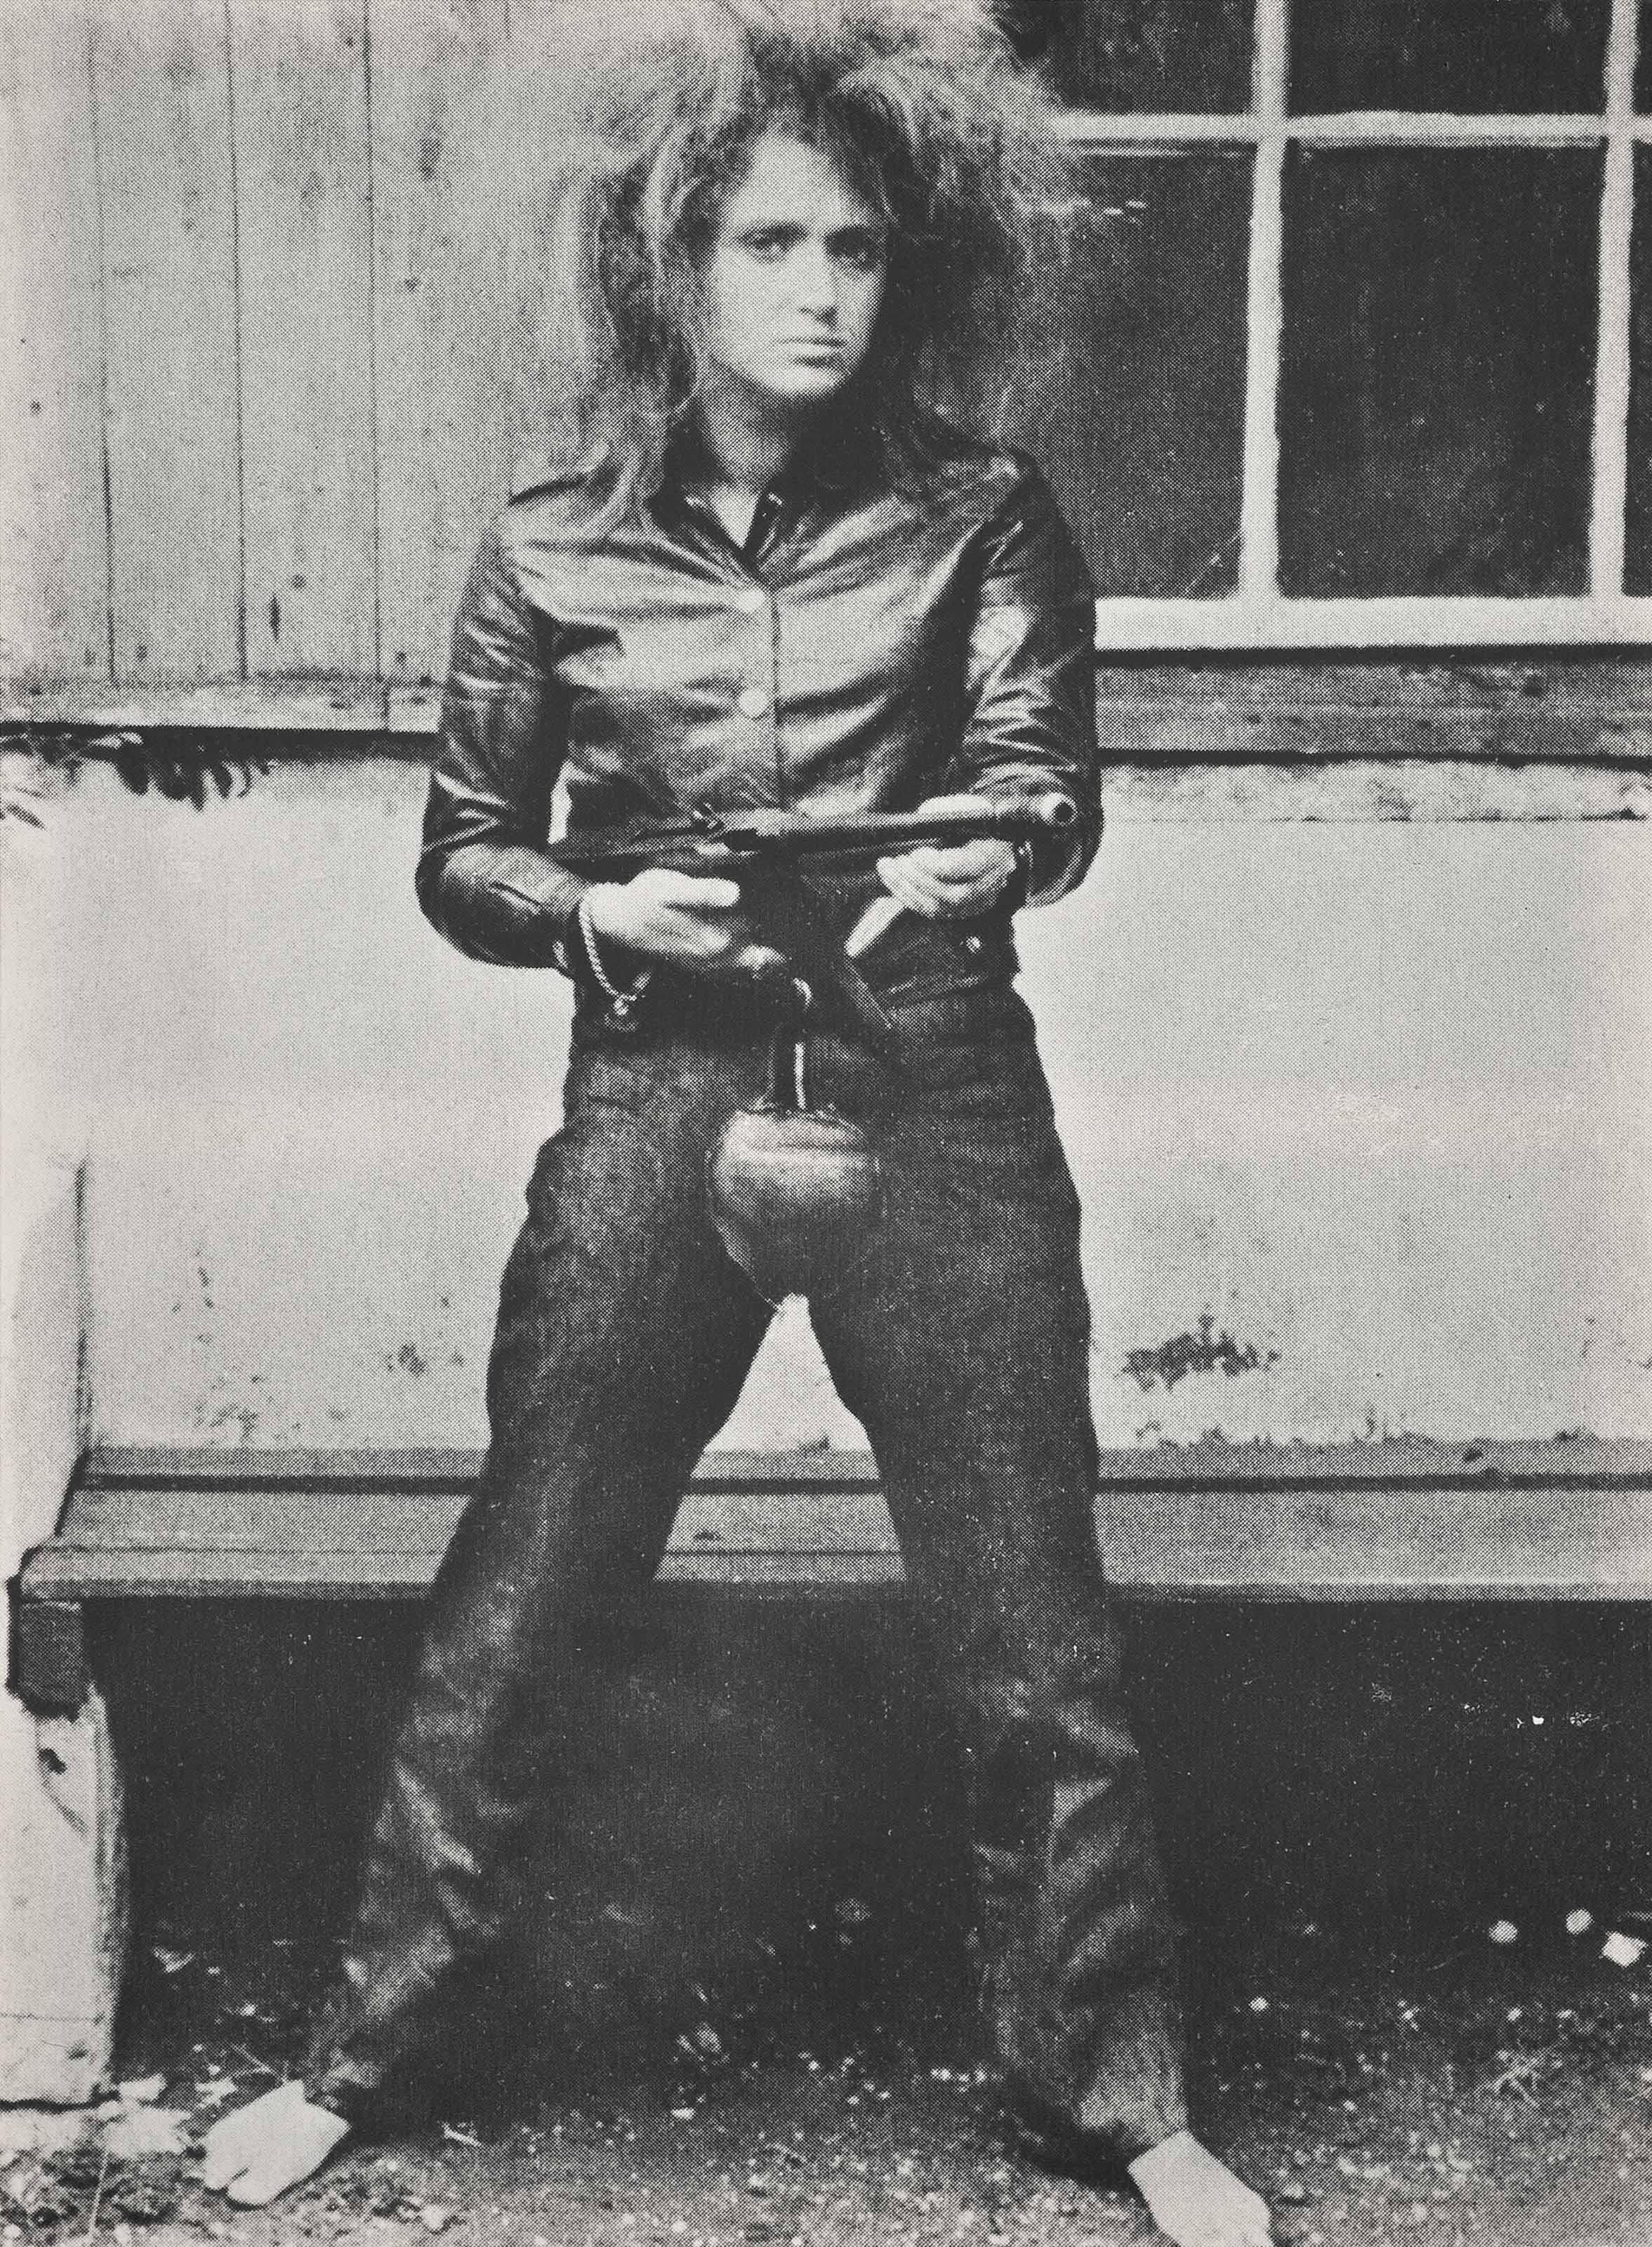 """VALIE EXPORT, """"Aktionshose: Genitalpanik"""", sérigraphie sur toile, 1969/1982.  © VALIE EXPORT, Christie's."""